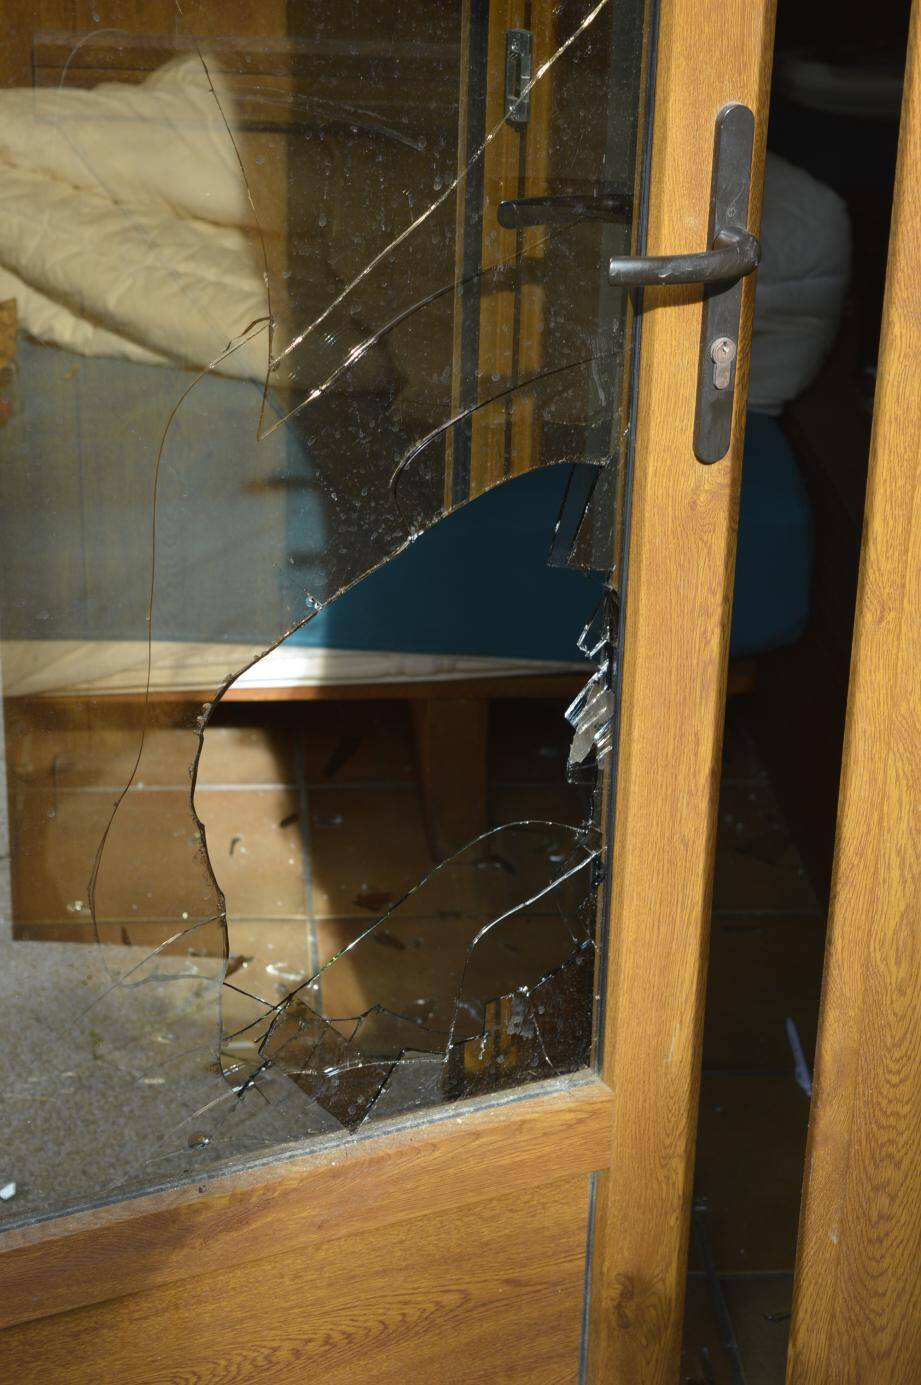 Un homme de 38 ans a été interpellé après deux cambriolages à La Ciotat